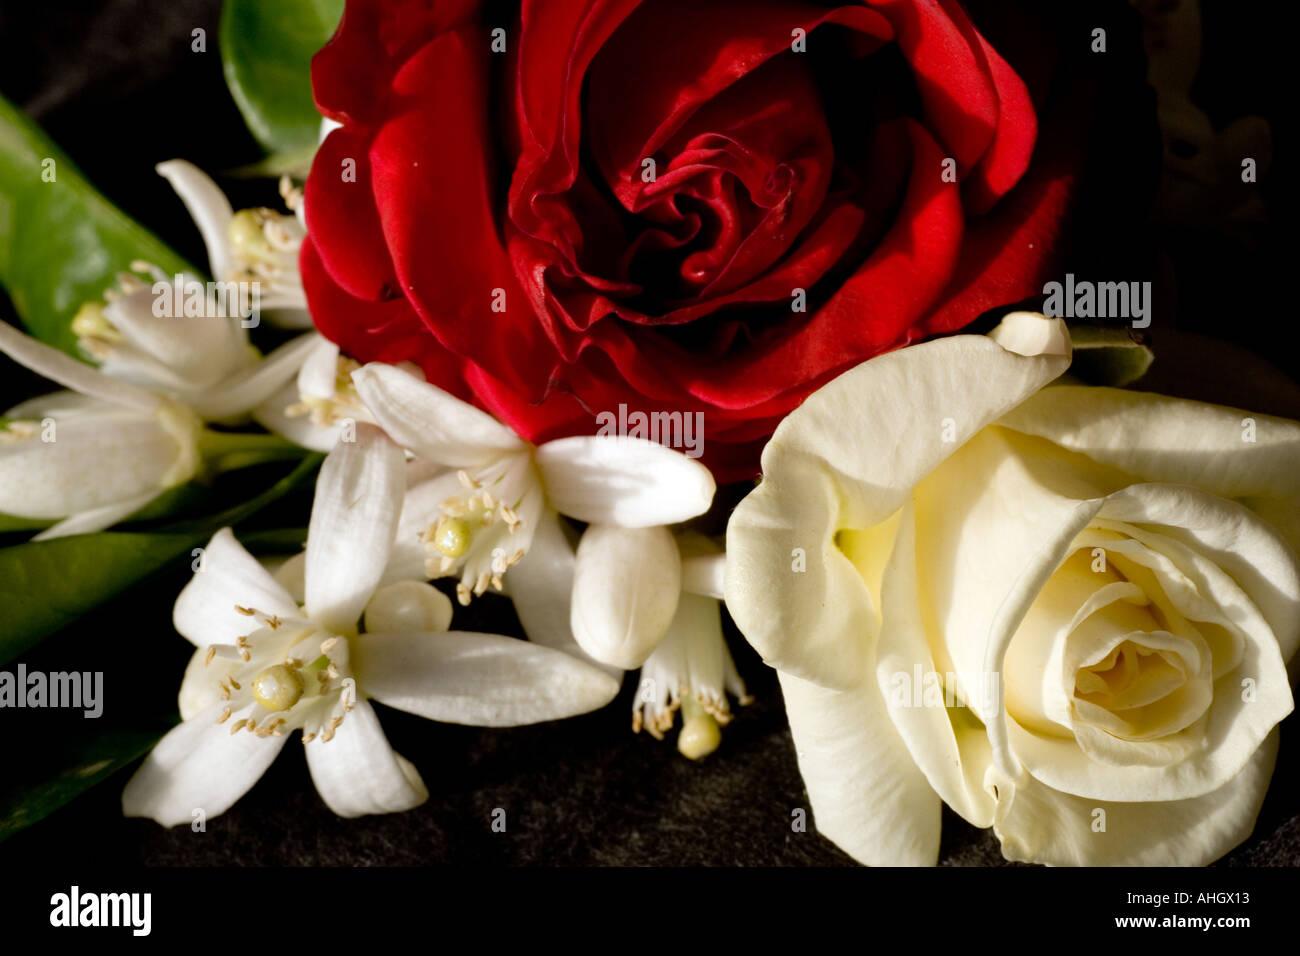 Delicato Ancora In Vita Con Una Rosa Rossa Uno Bianco E Un Mazzo Di